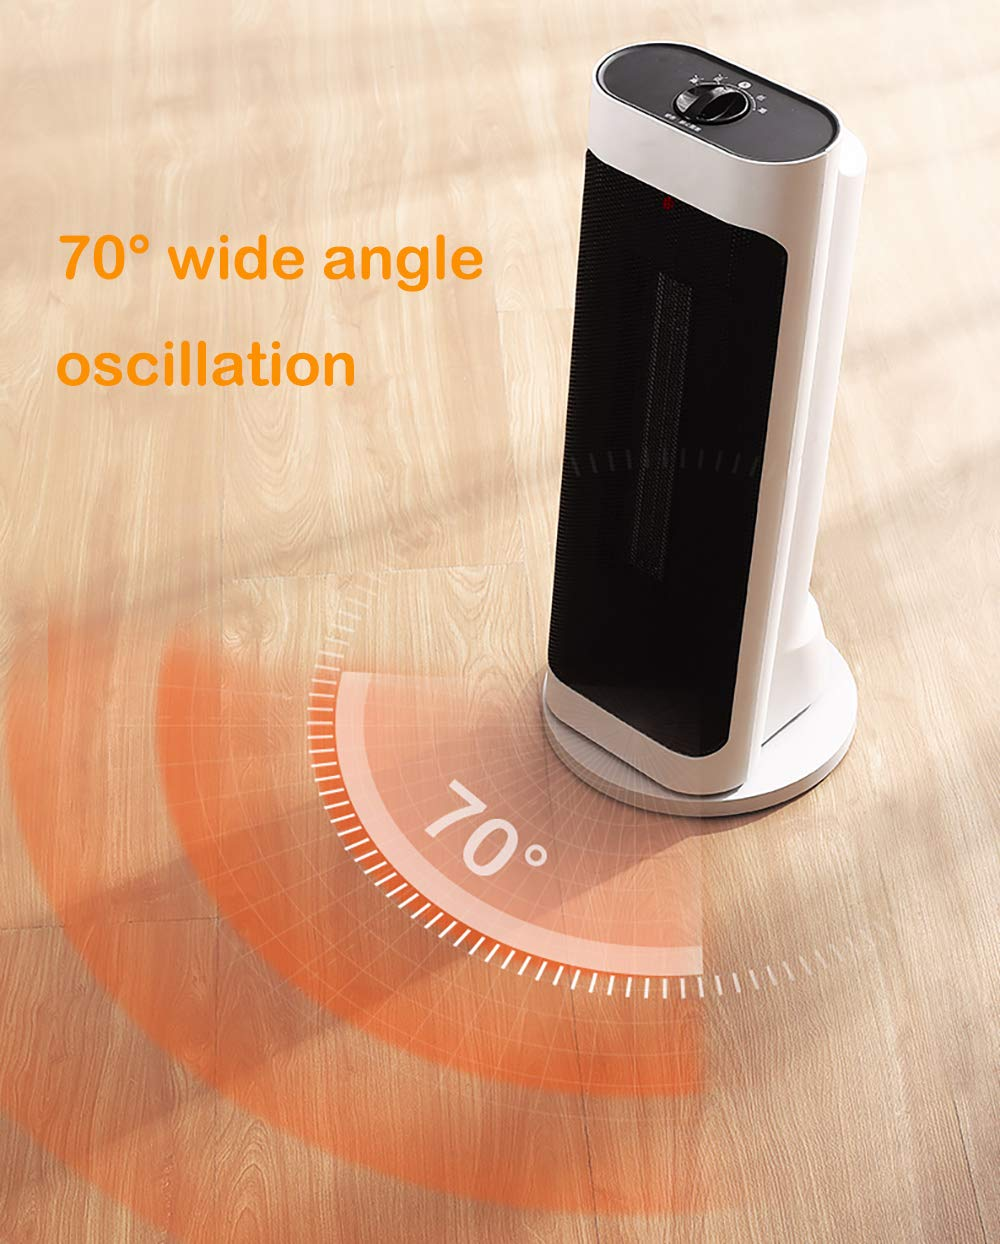 LANLAU Calentador, Ventilador De Calentador Personal Eléctrico con Oscilación Automática, Viento Cálido/Frío para… 5